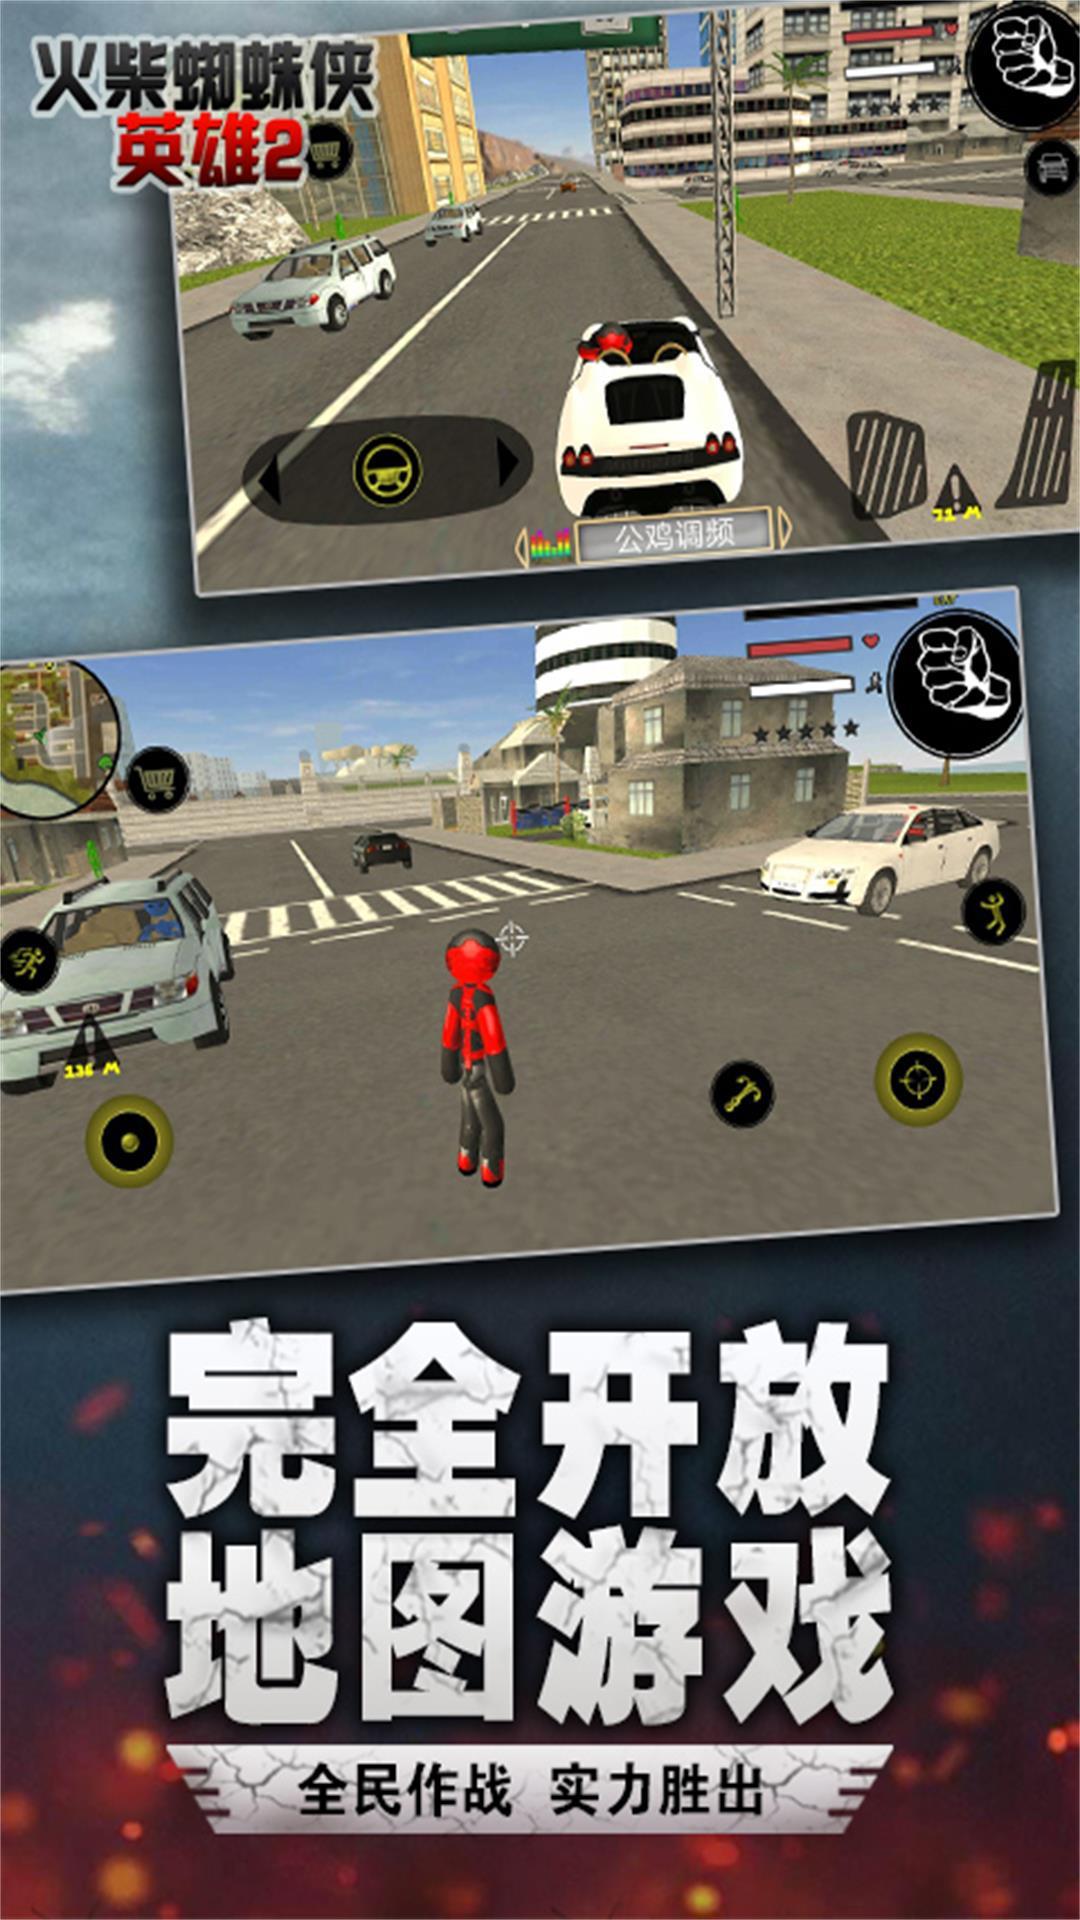 火柴蜘蛛侠英雄2中文破解版2.12截图2